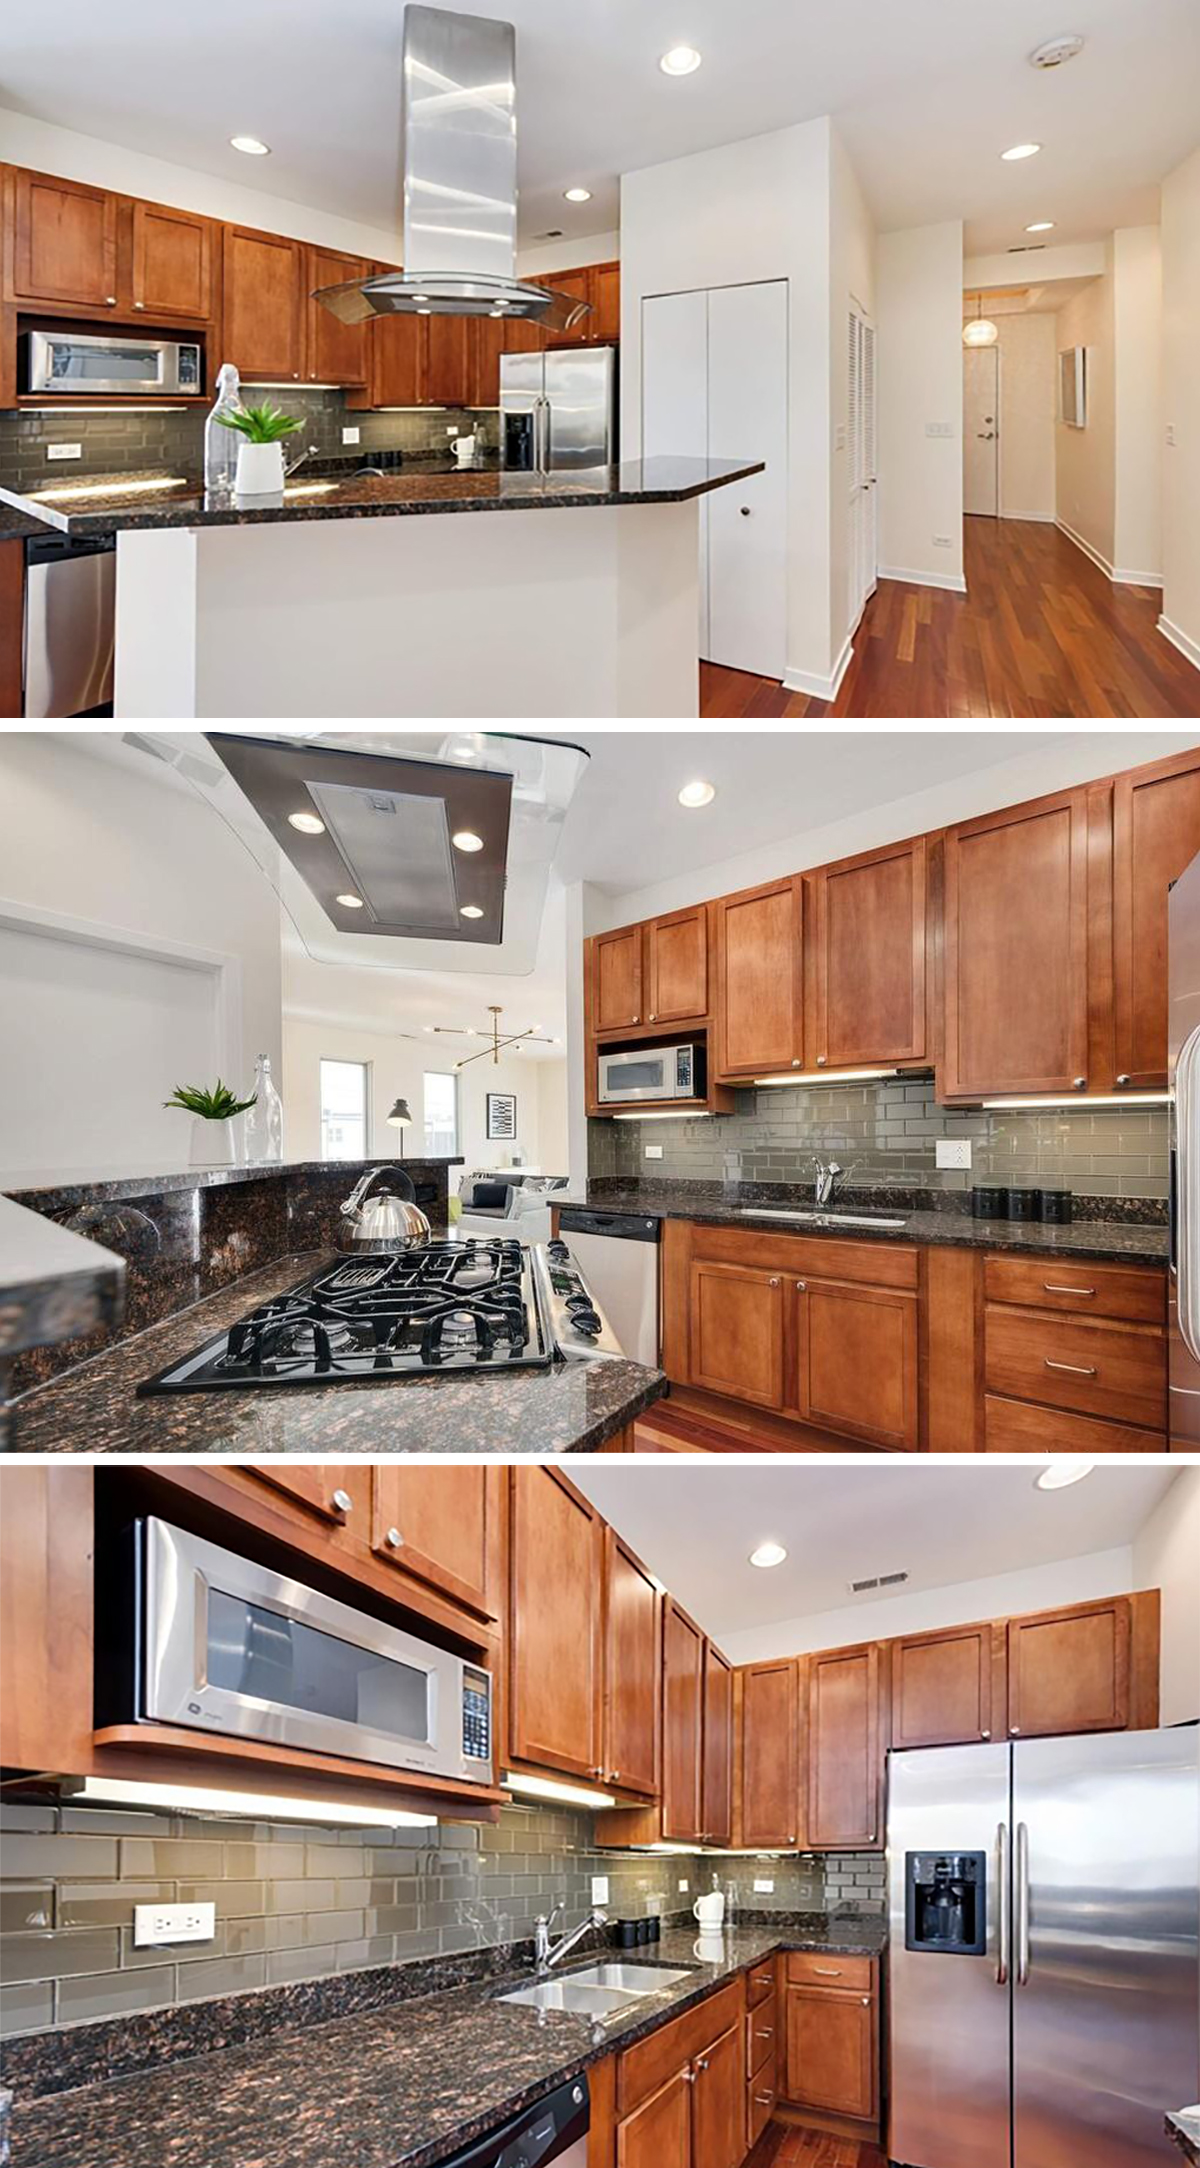 3021-armitage_-kitchen-after